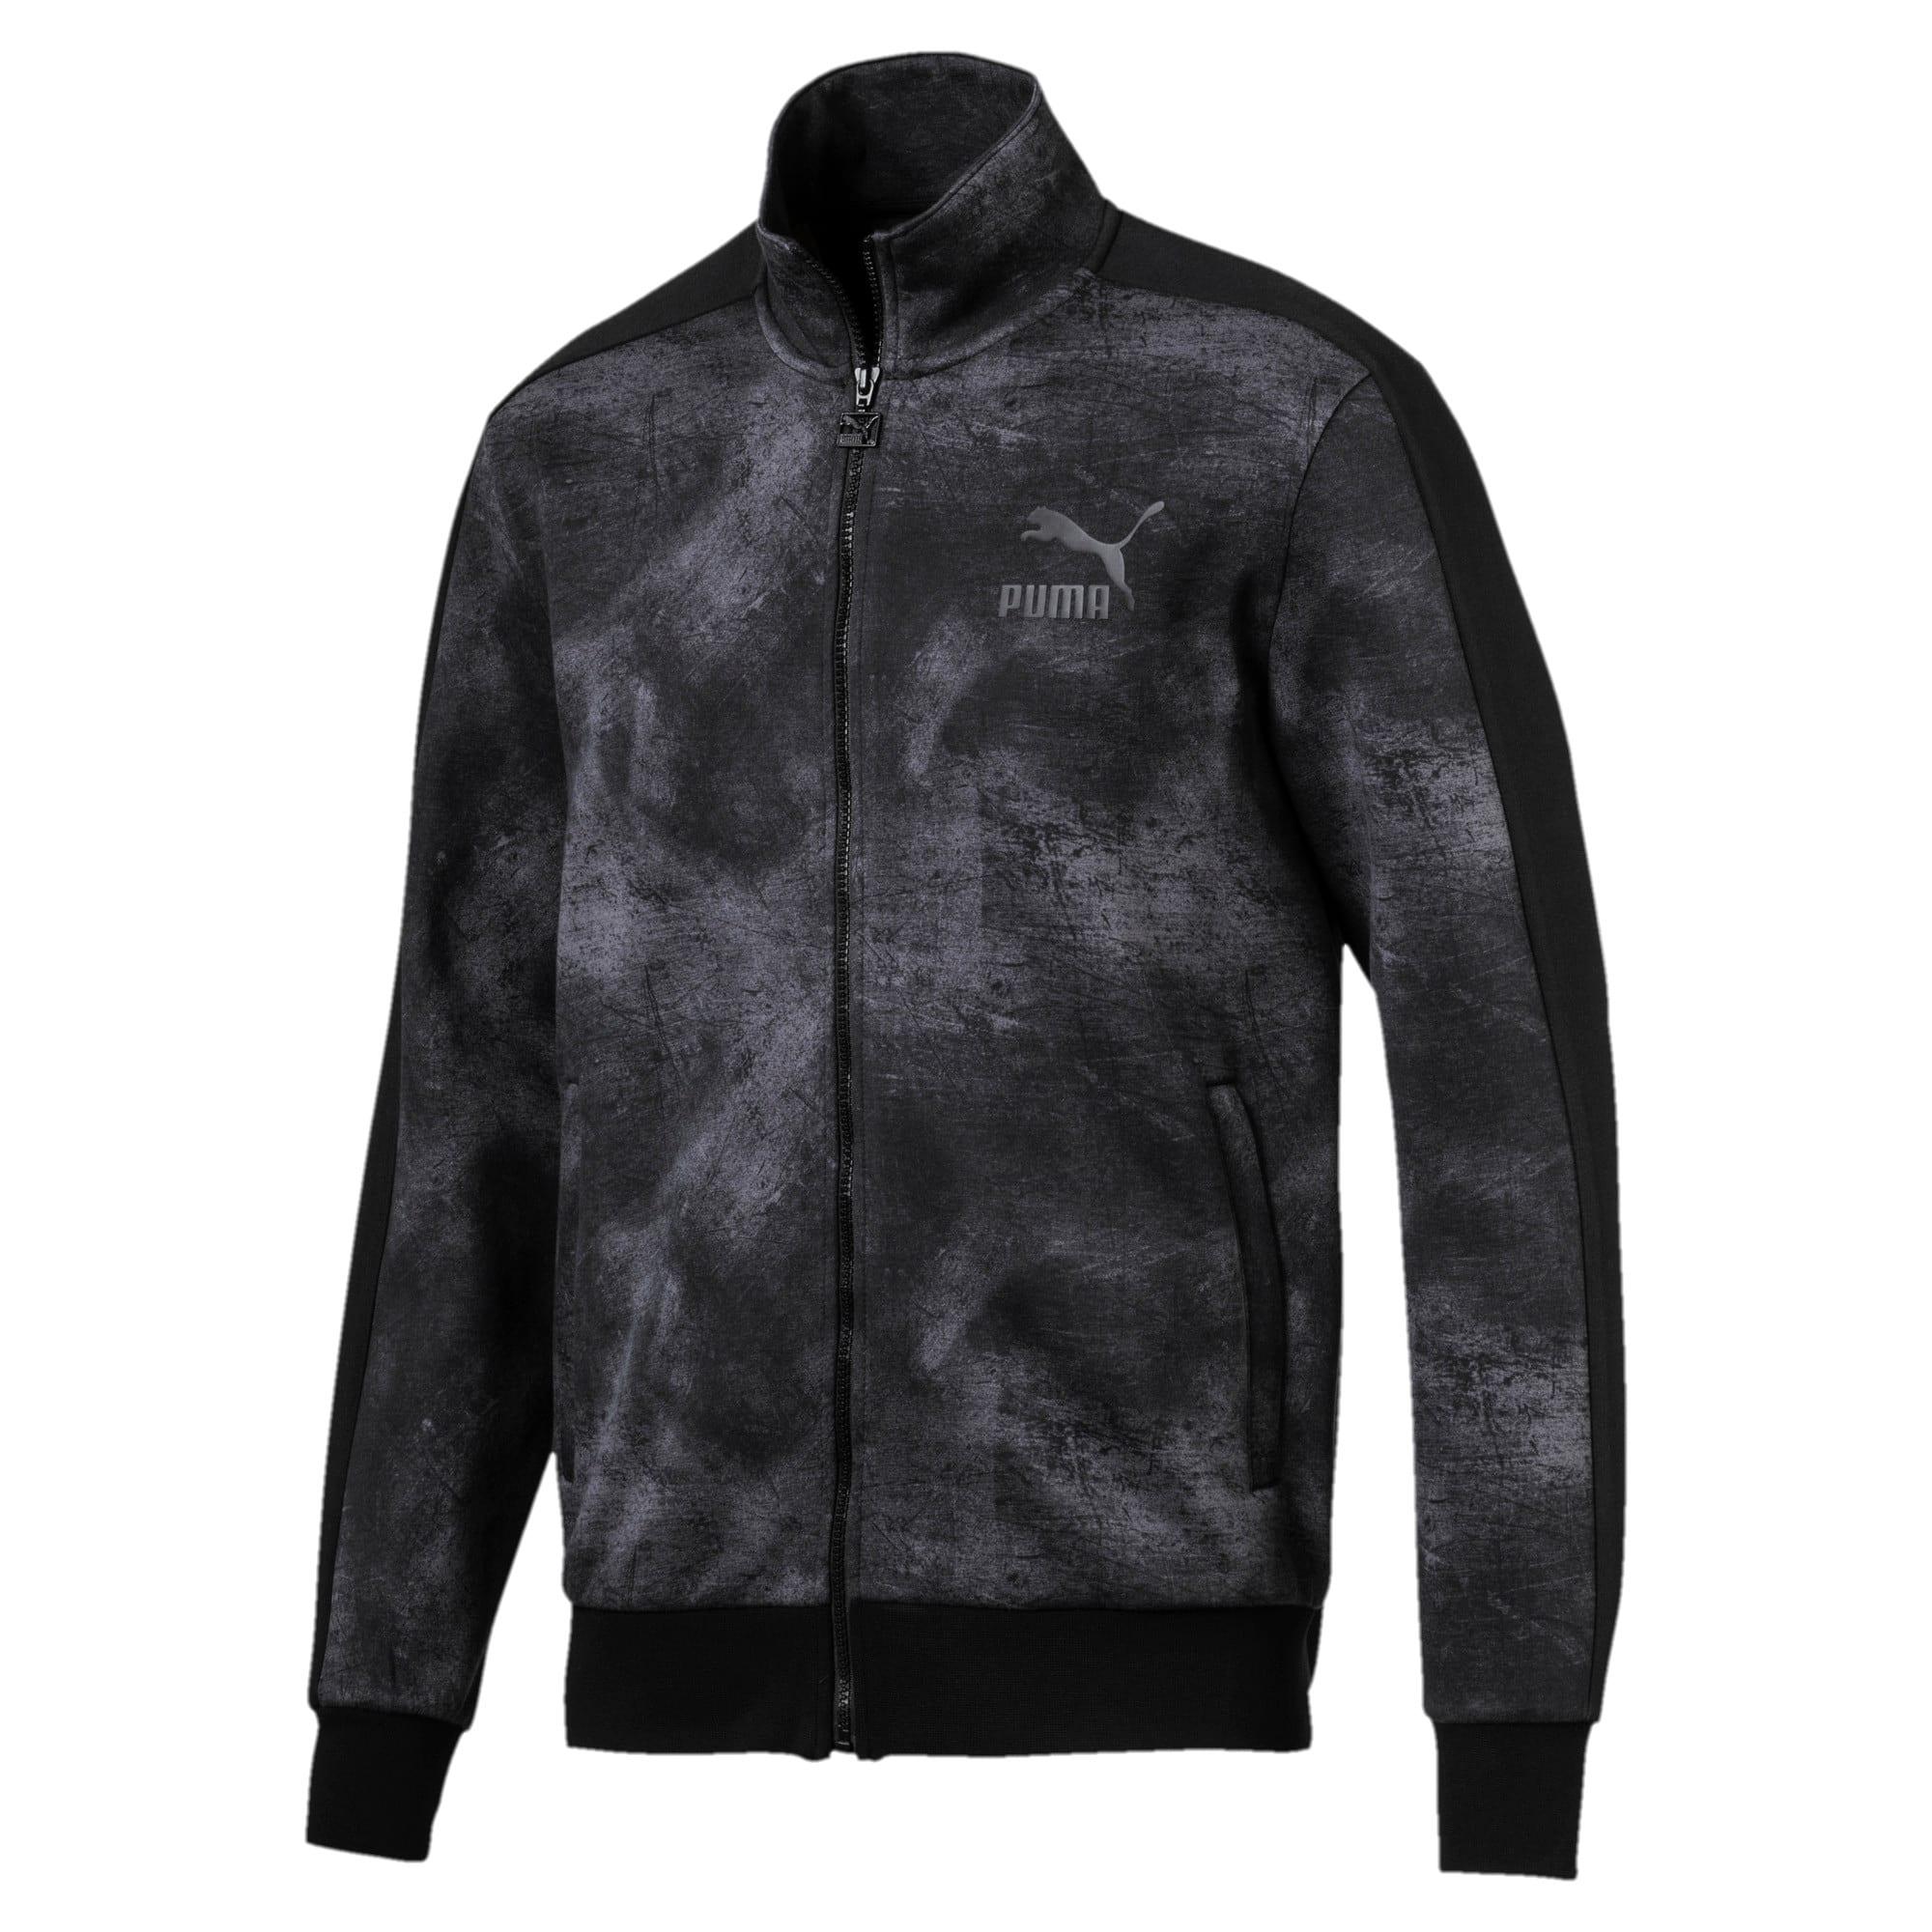 Thumbnail 1 of Classics All-Over Print T7 Men's Jacket, Puma Black-2, medium